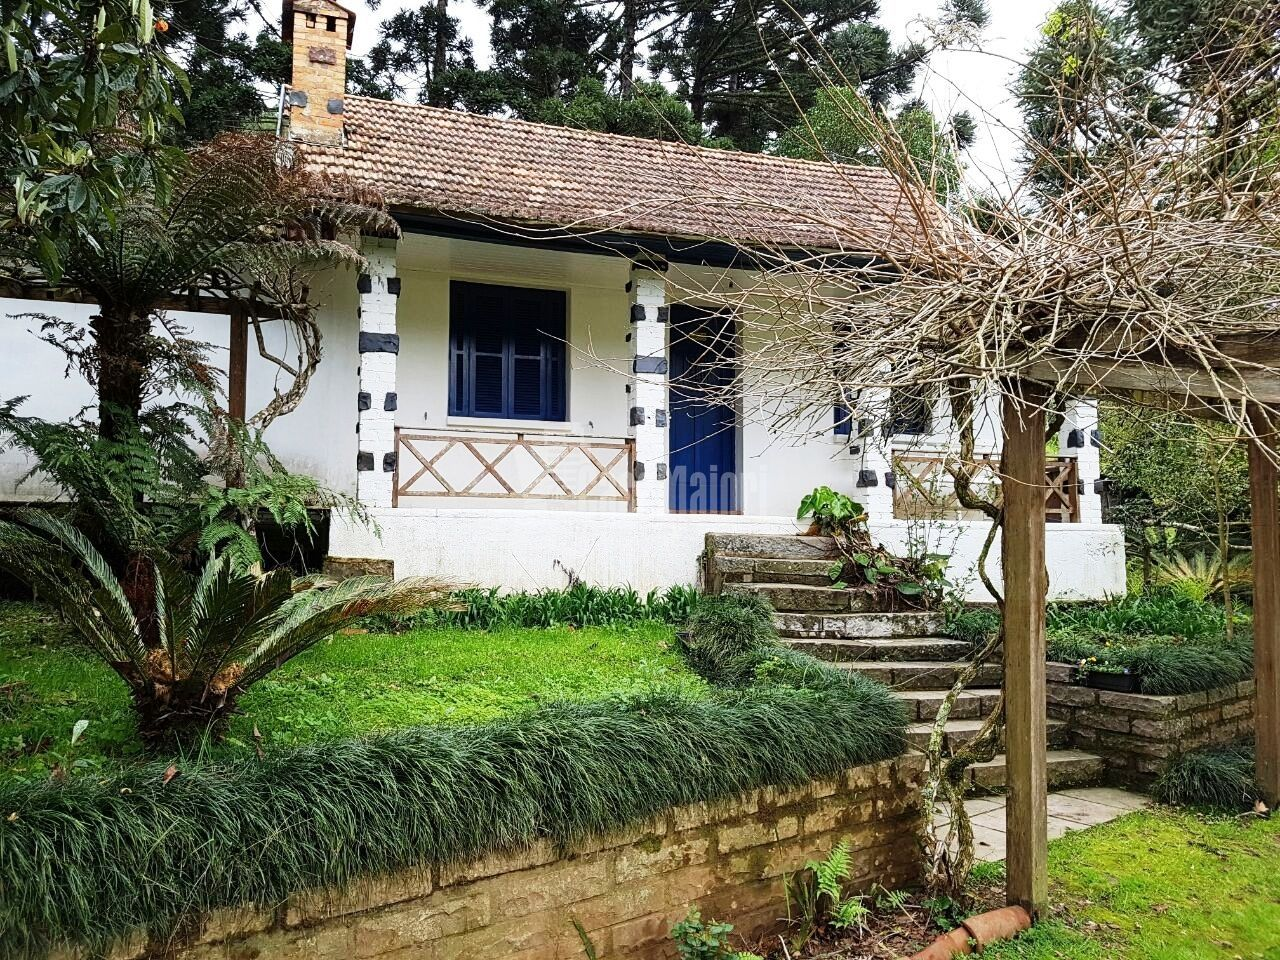 Fazenda/sítio/chácara/haras à venda  no São Pedro - Bento Gonçalves, RS. Imóveis